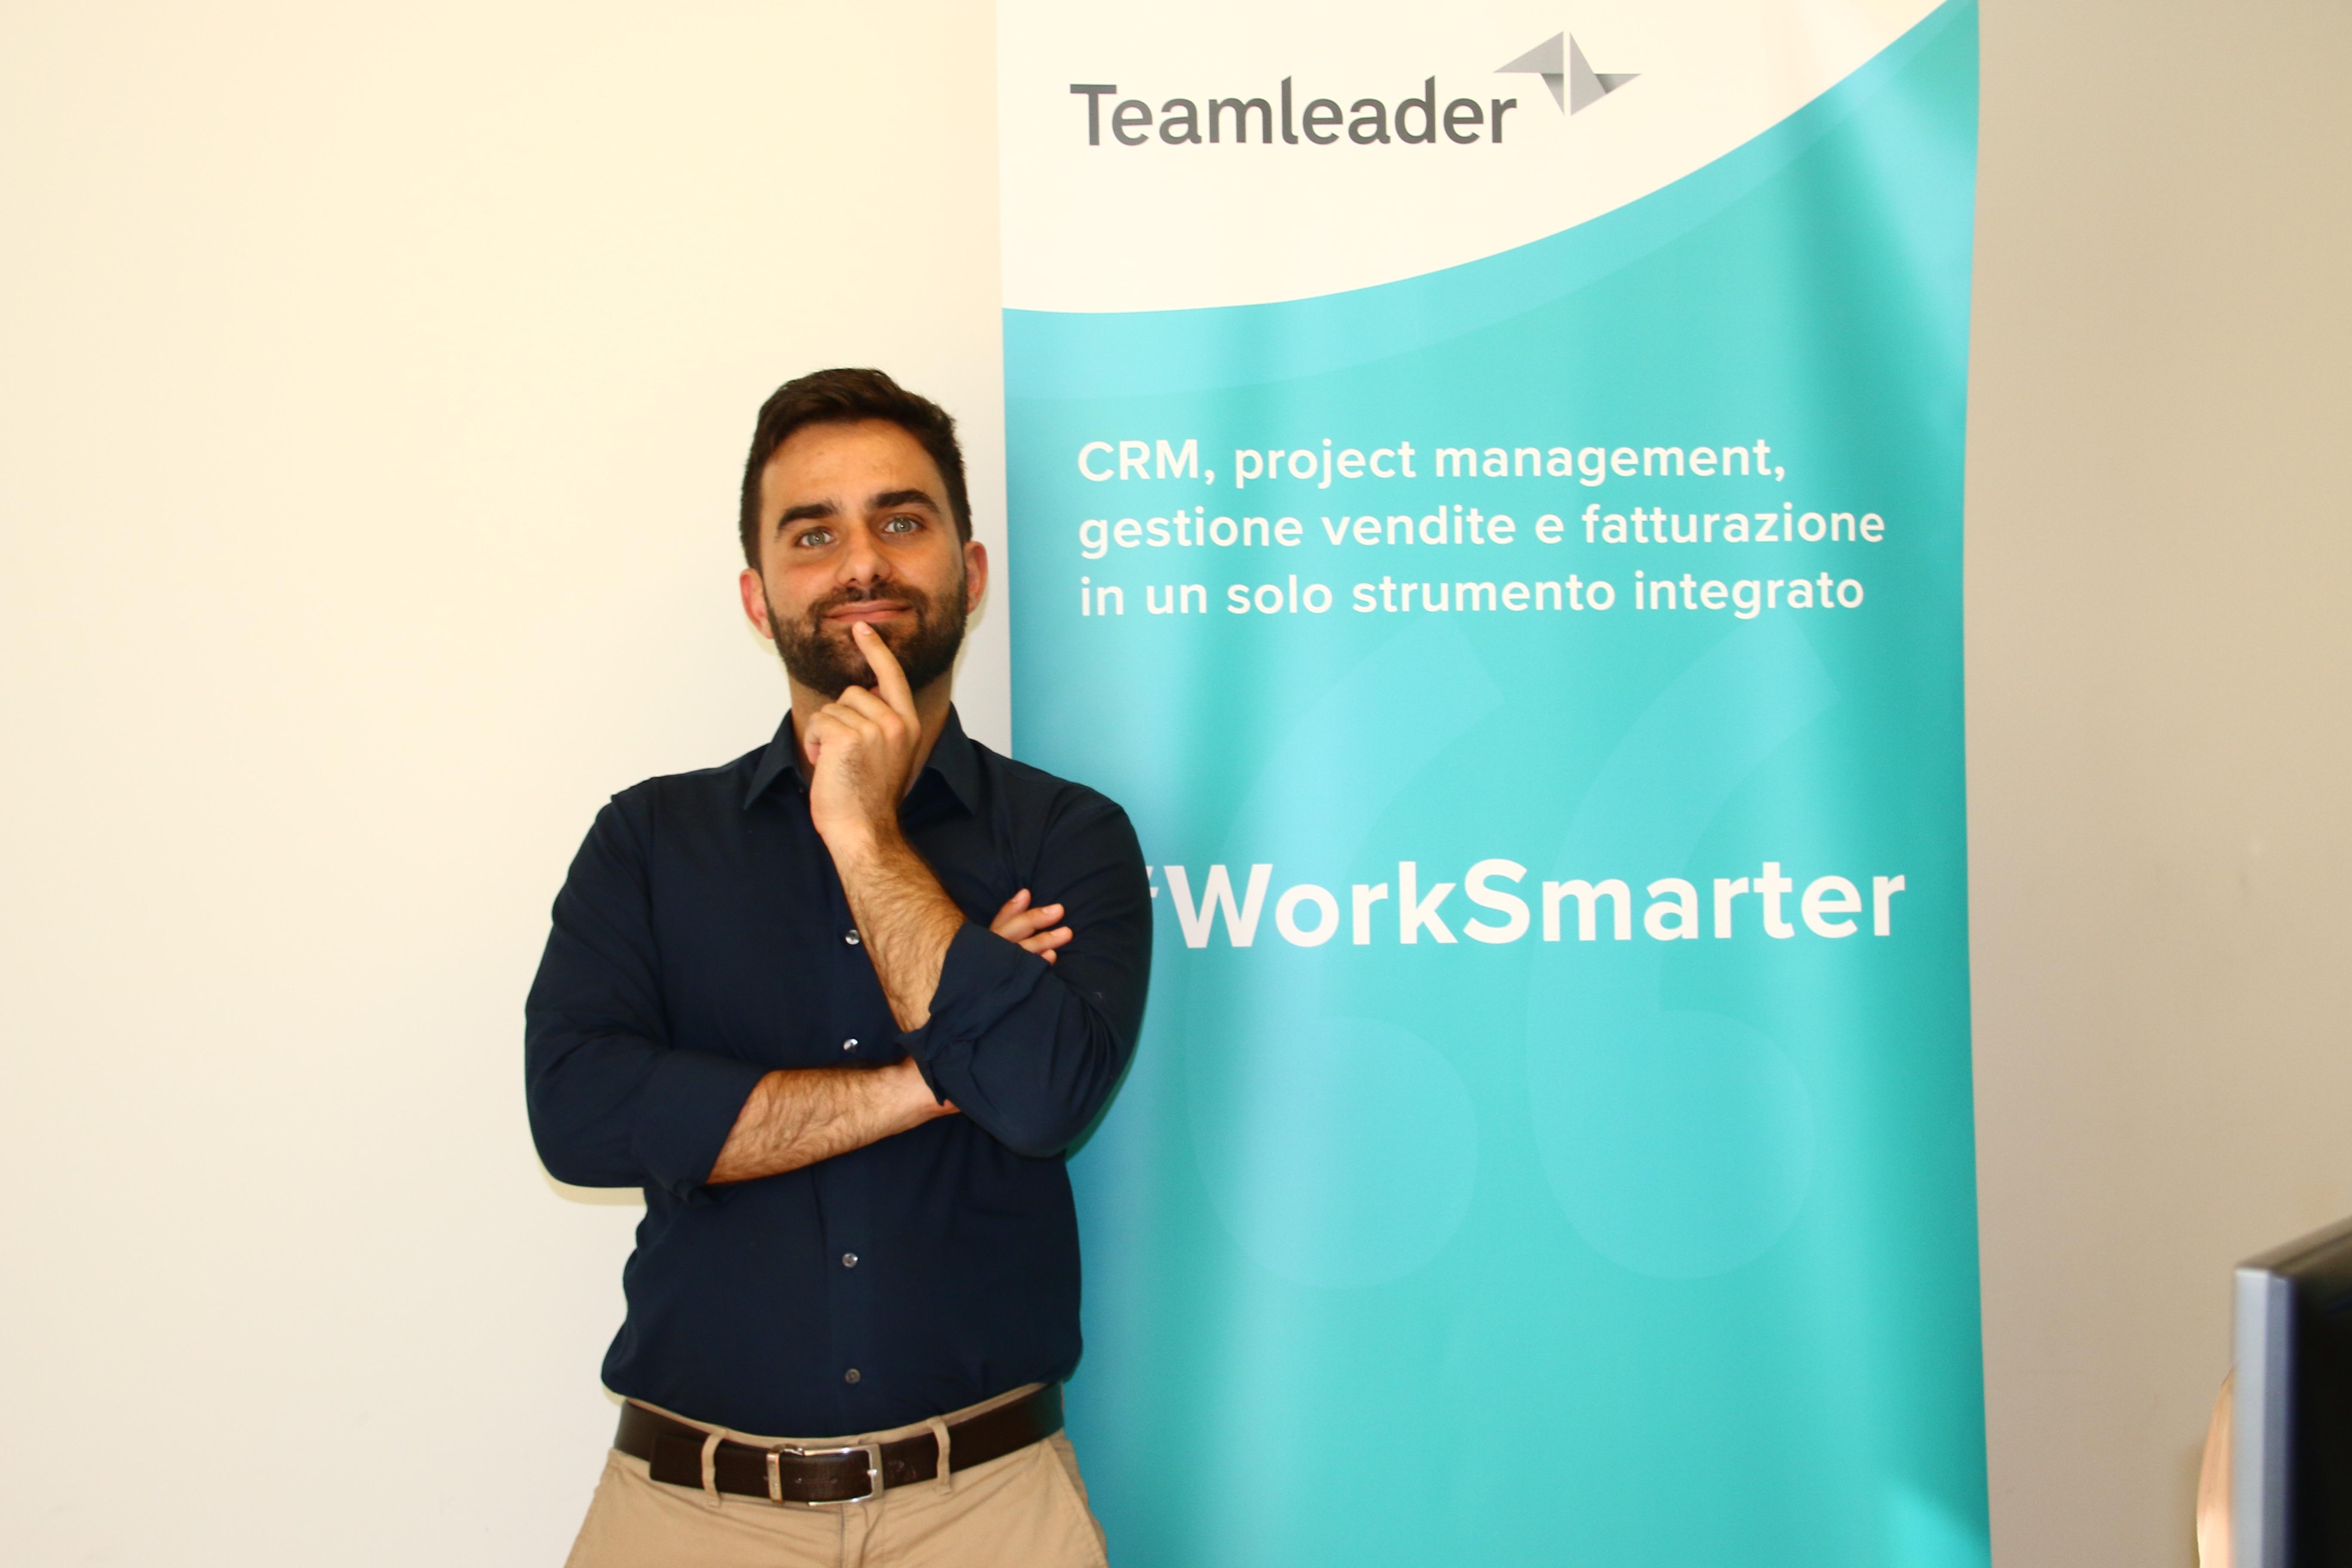 Teamleader Italia, un anno dopo: proseguono crescita e investimenti